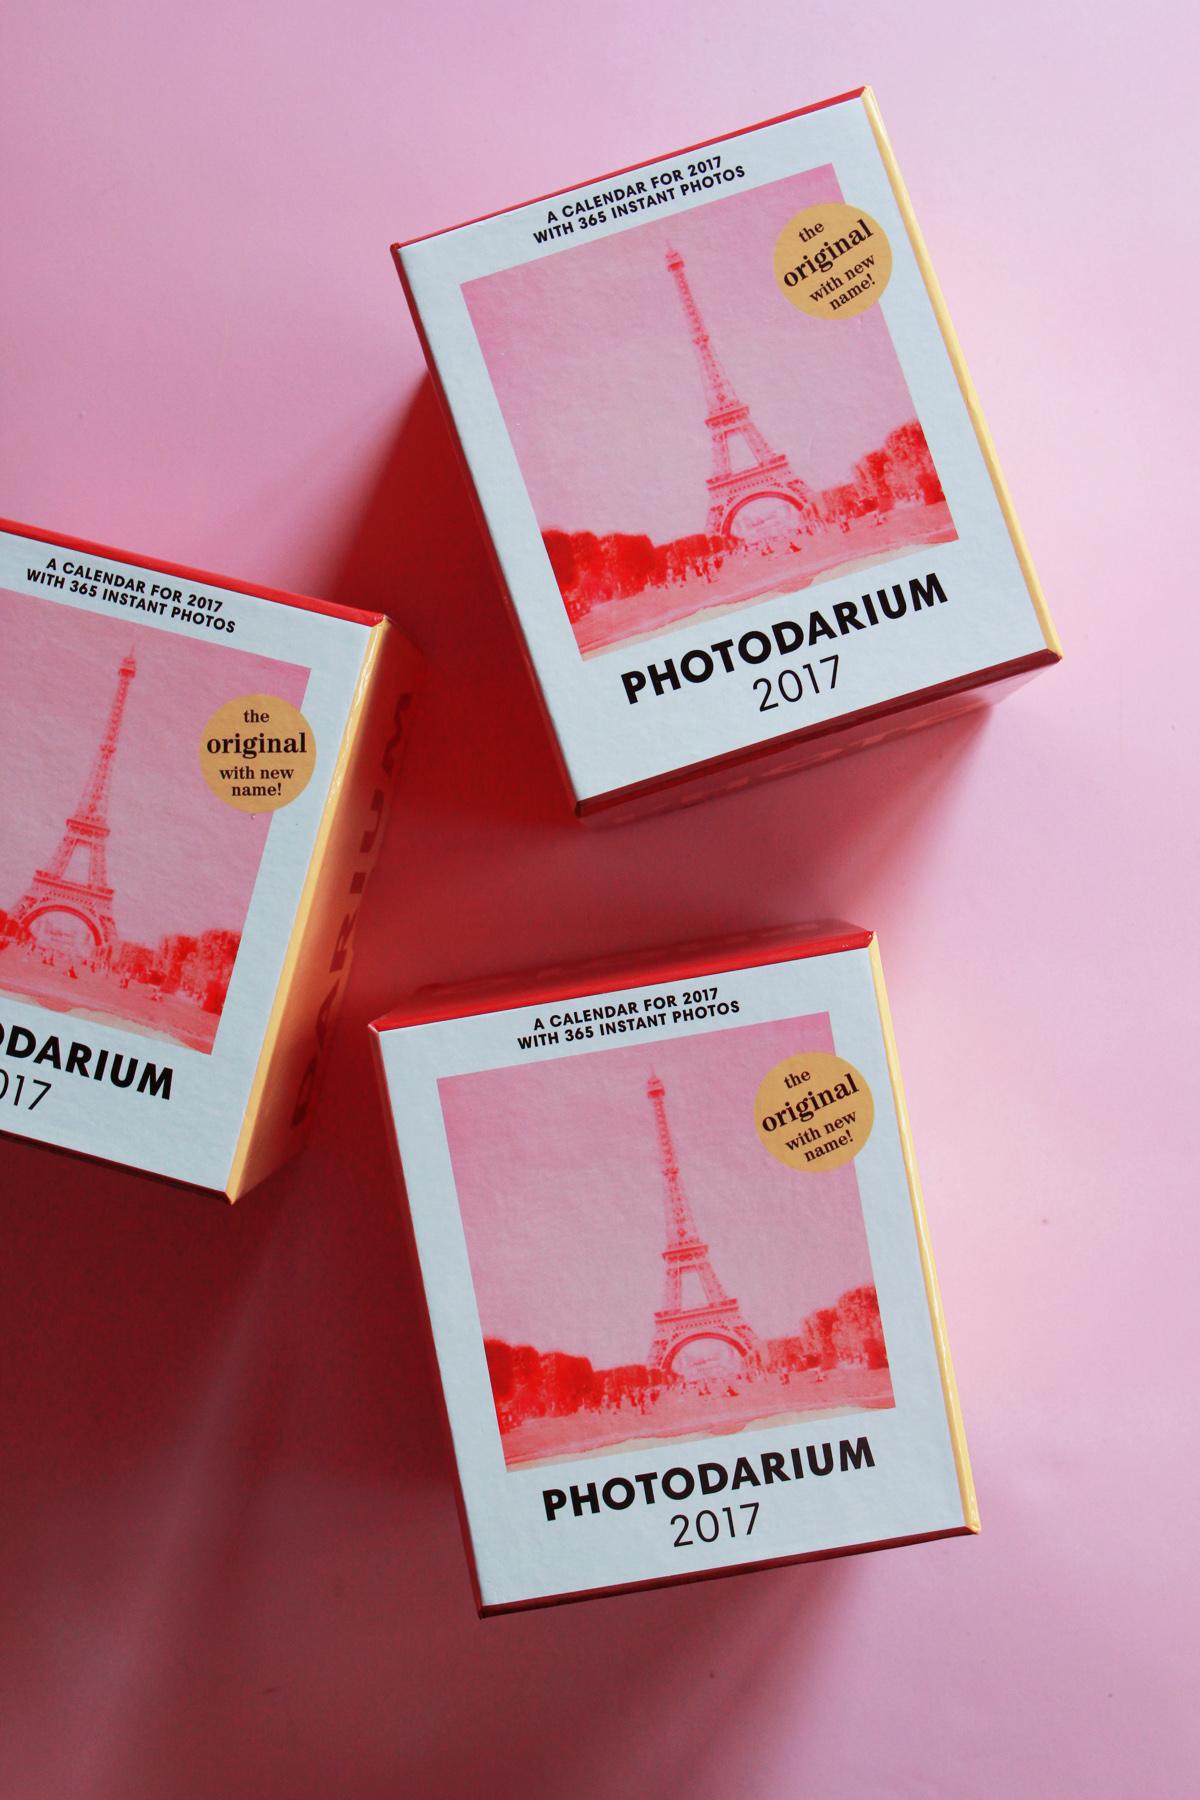 photodarium-poulettemagique-12